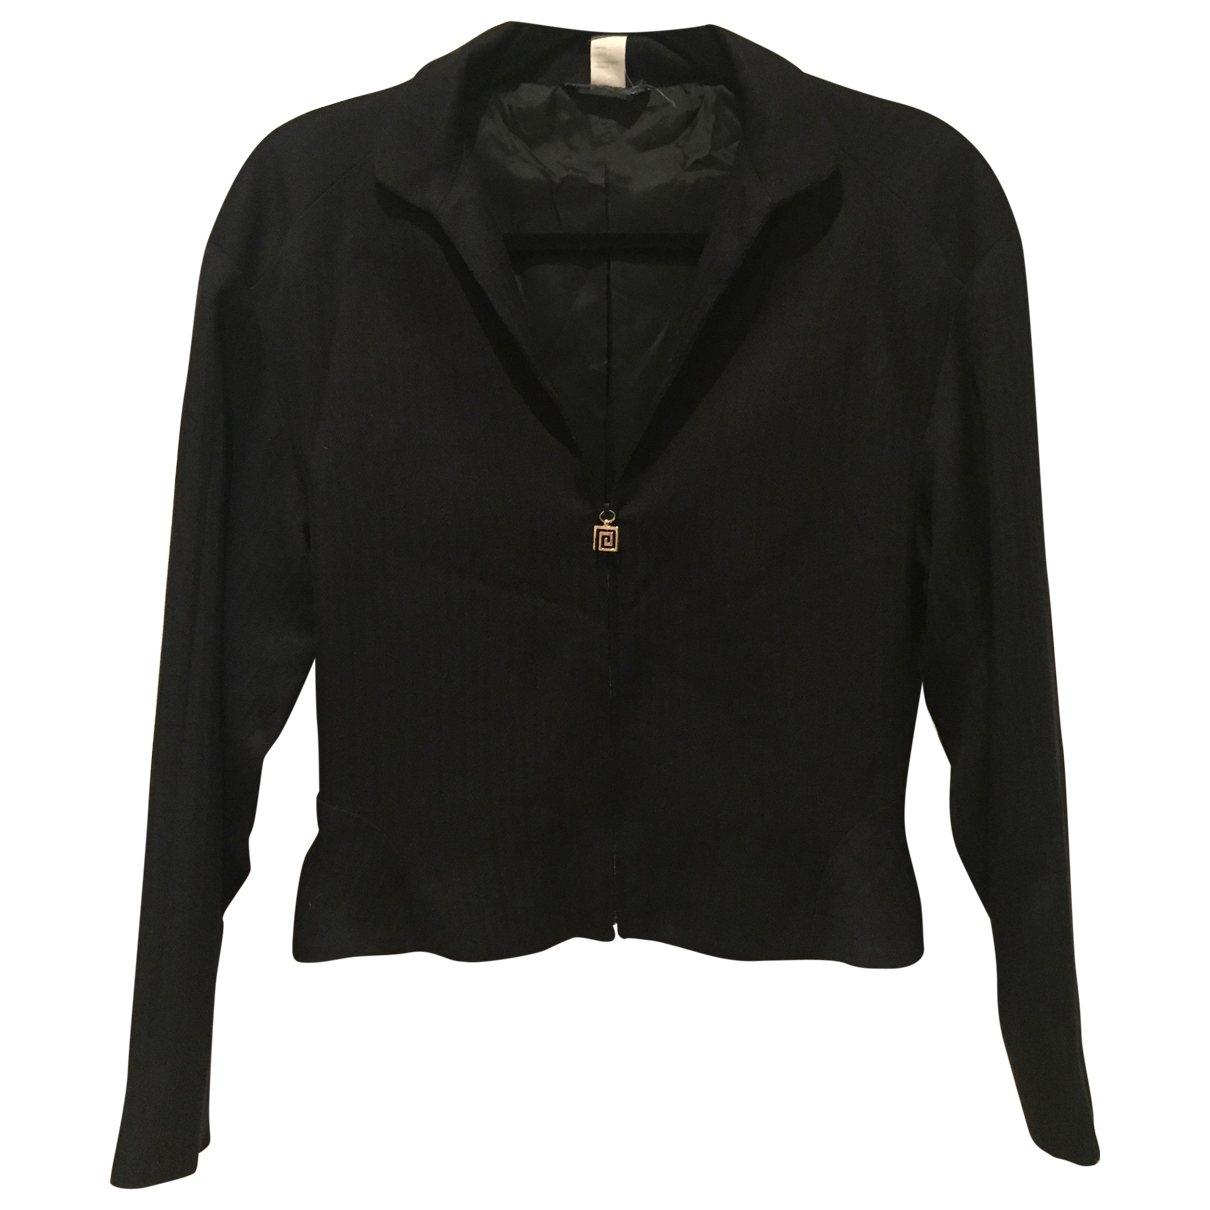 Gianni Versace - Veste   pour femme en soie - noir